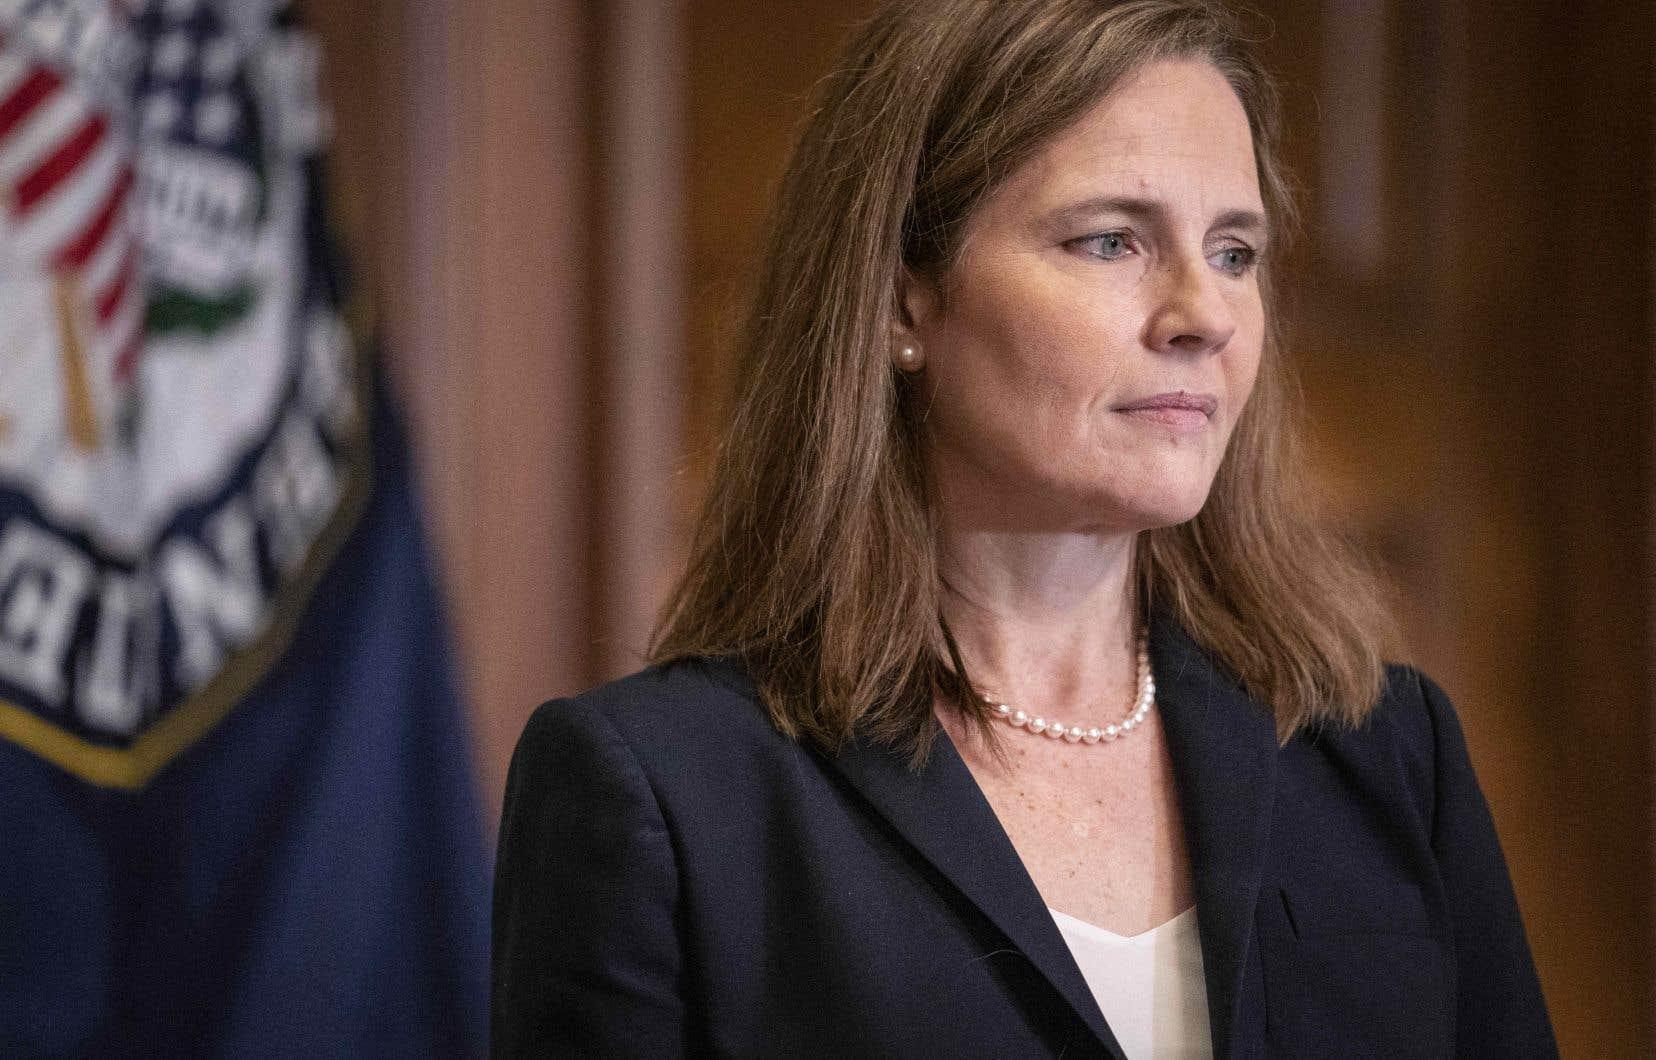 L'arrivée de la juge Barrett modifiera considérablement l'équilibre au sein de la haute juridiction, avec une majorité conservatrice de six juges contre trois plus progressistes.